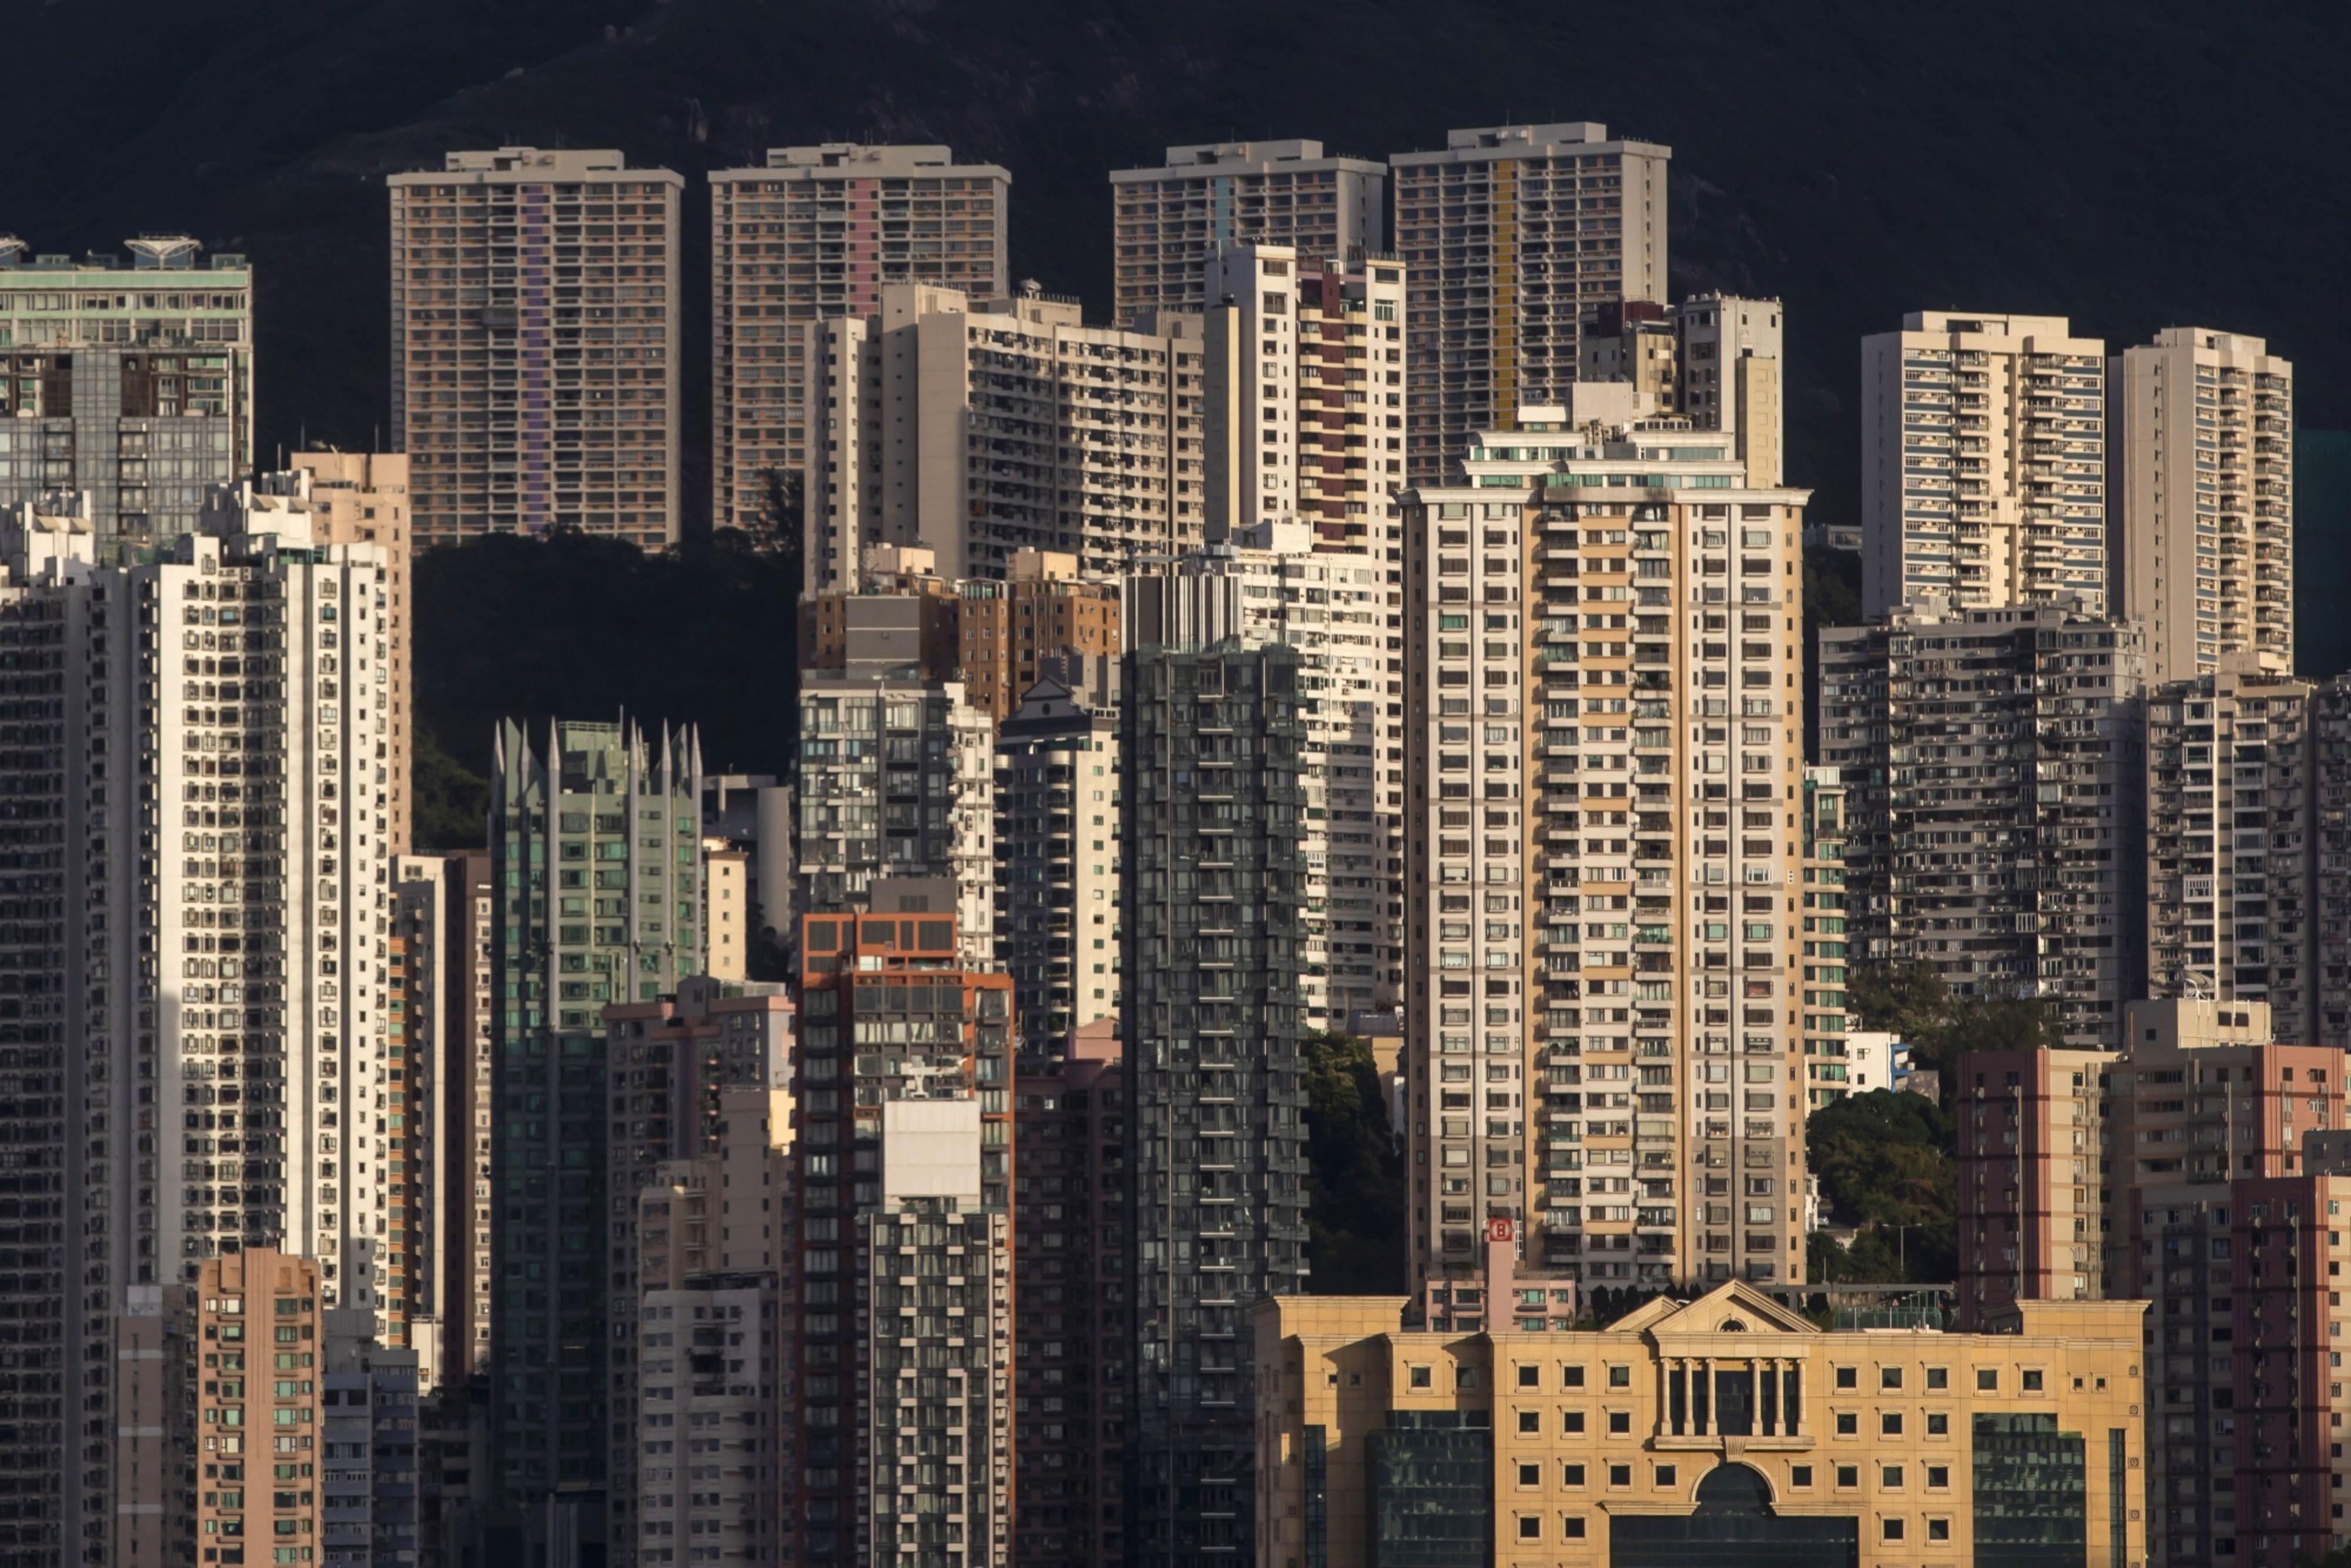 Mercado imobiliário menos acessível do mundo pode ser próximo alvo do aperto regulatório da China